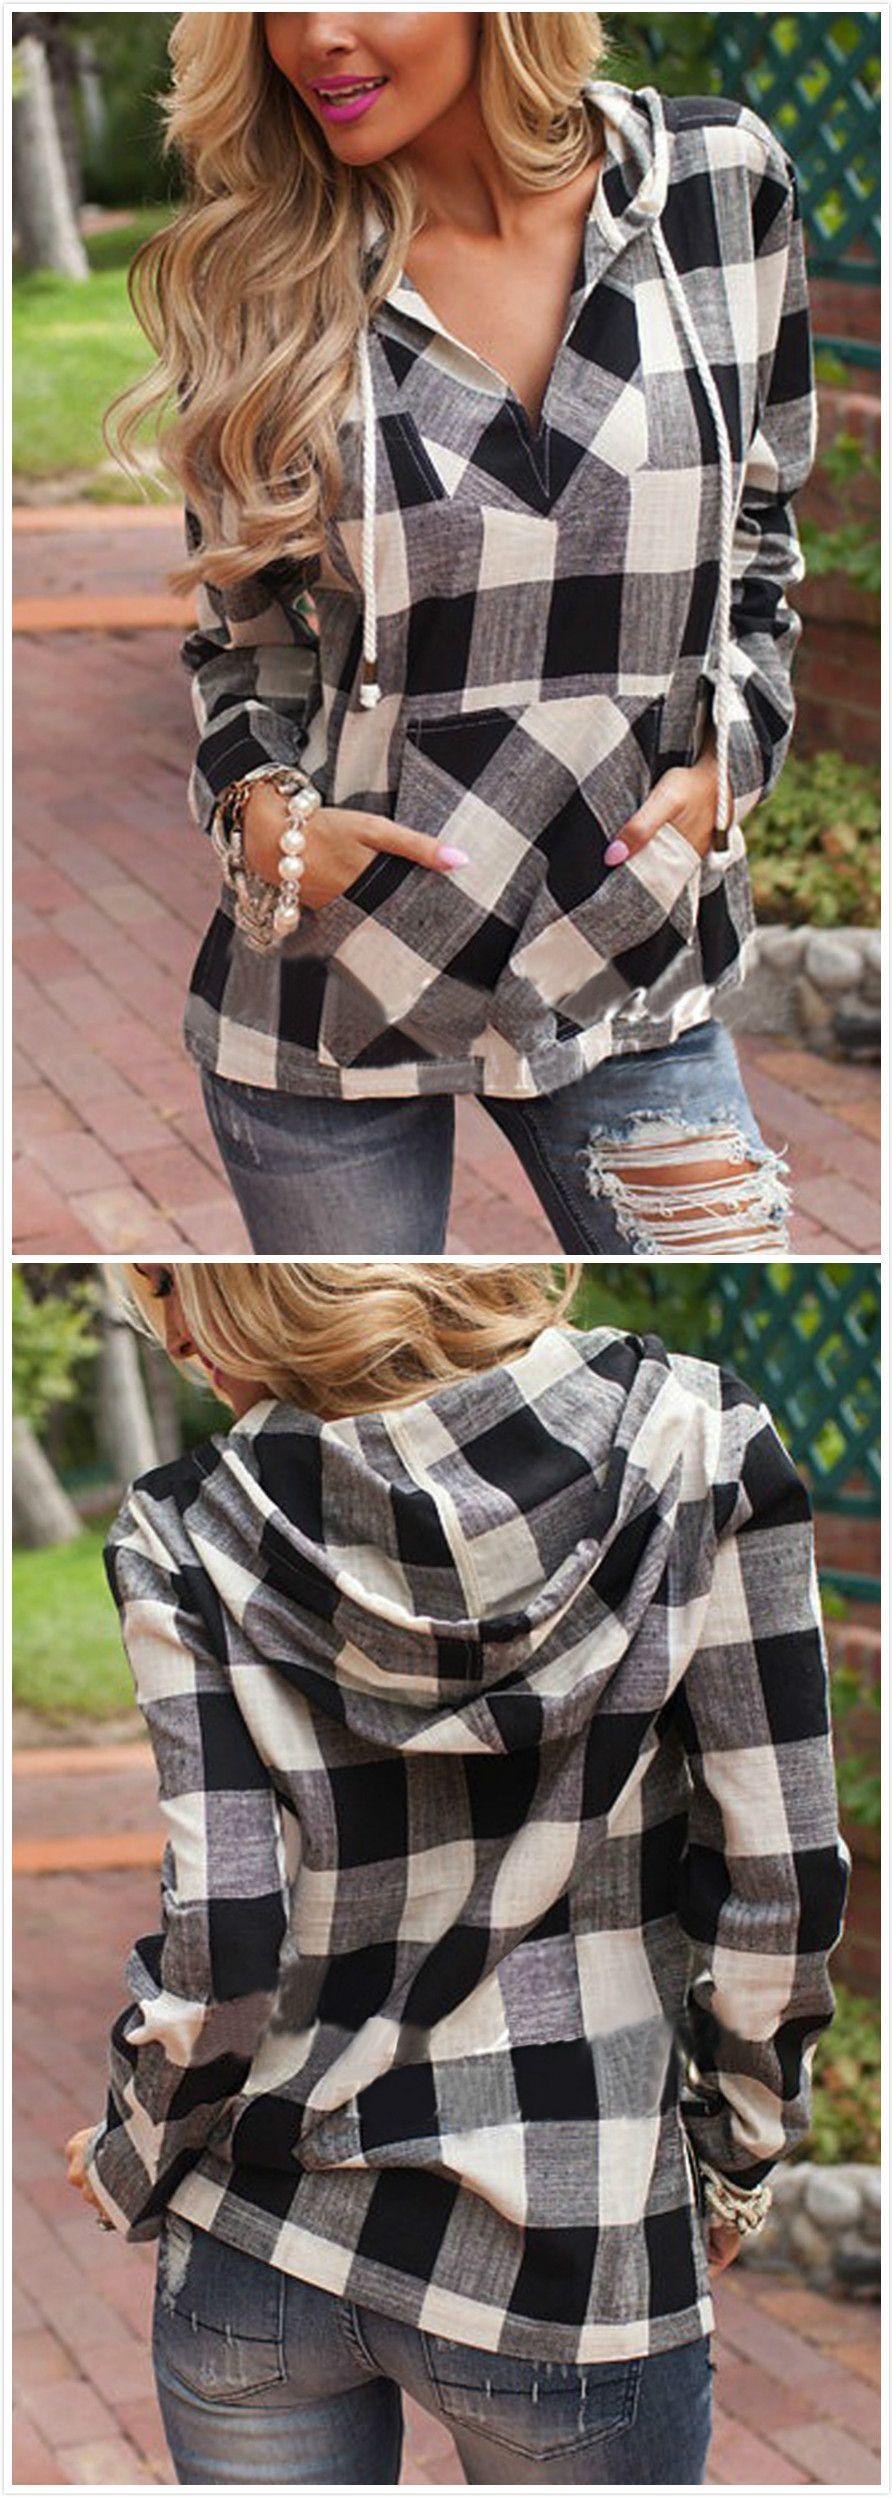 Flannel shirt outfit women  Womenus Fashion Long Sleeve Pullover Plaid Hoodie Shirt  NOVASHE